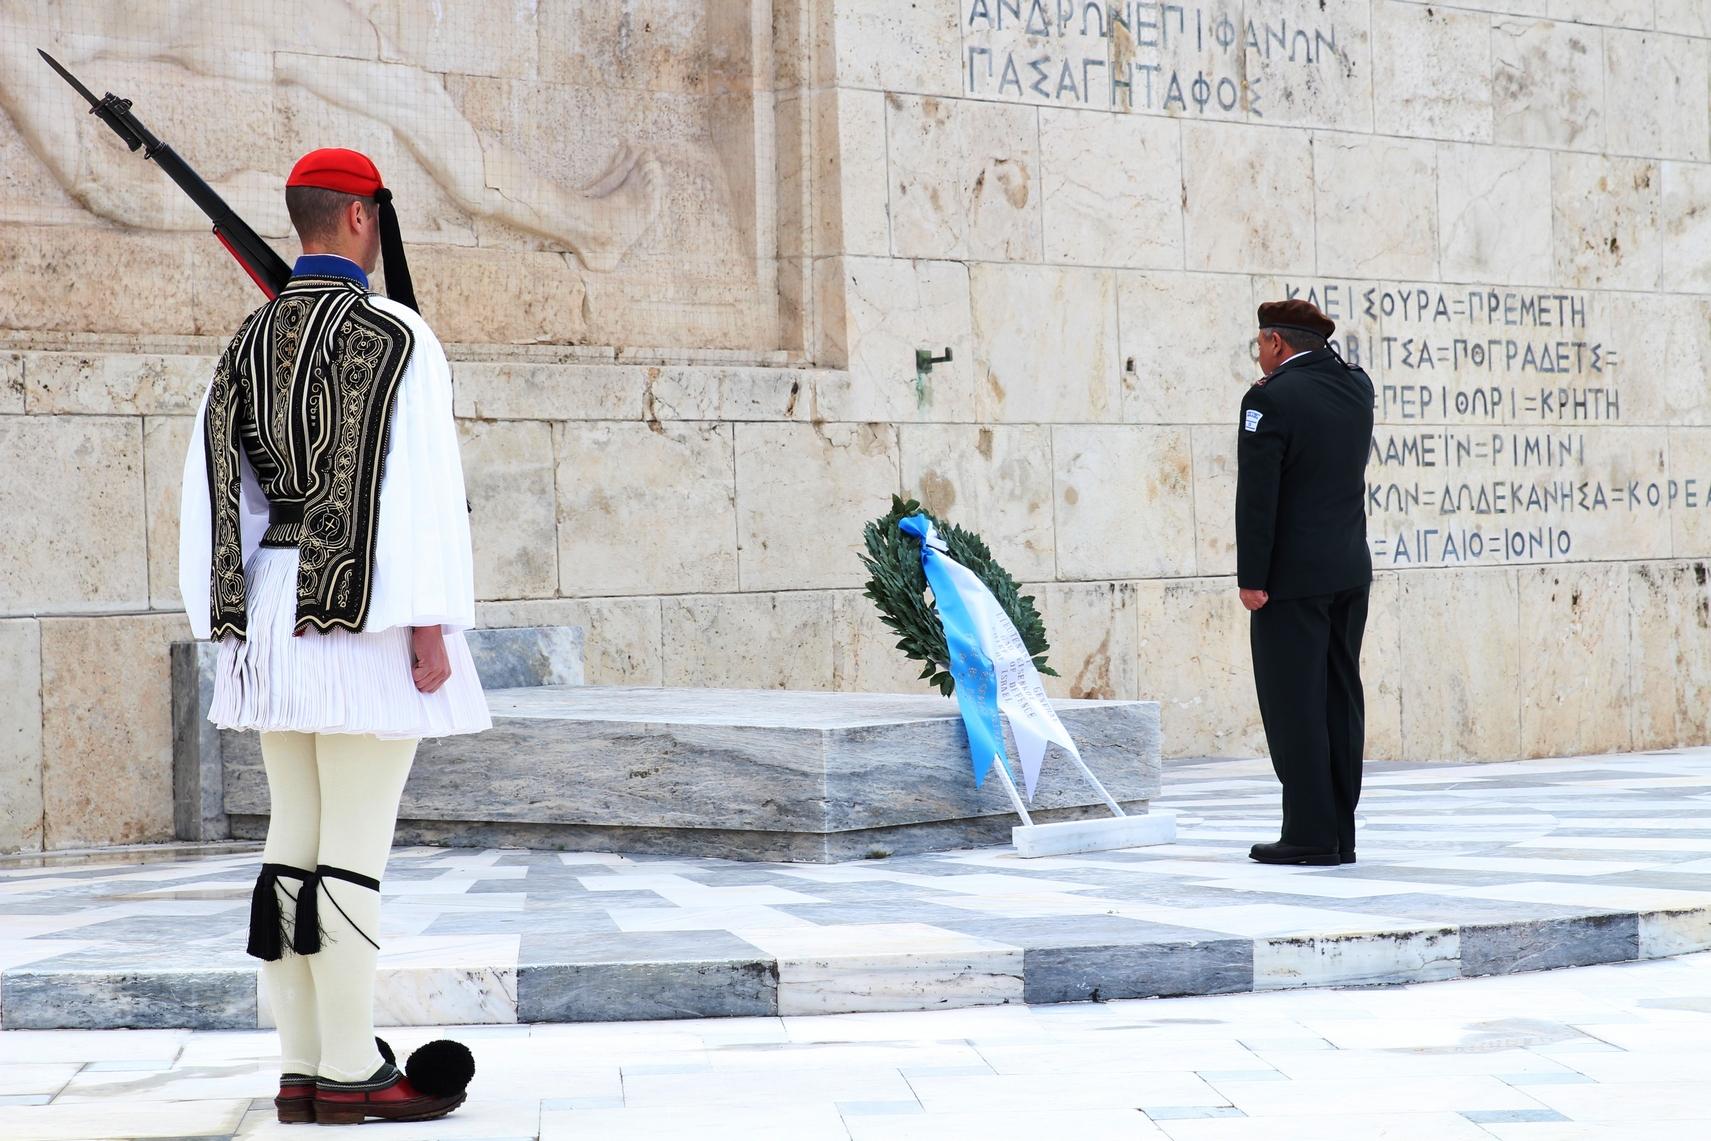 Προβληματισμός στο τουρκικό Γενικό Eπιτελείο: Ιδού τι σύμφωνησαν Ελλάδα και Ισραήλ – Ερχεται συνεκπαίδευση των Ελληνικών και Ισραηλινών ΕΔ - Εικόνα2